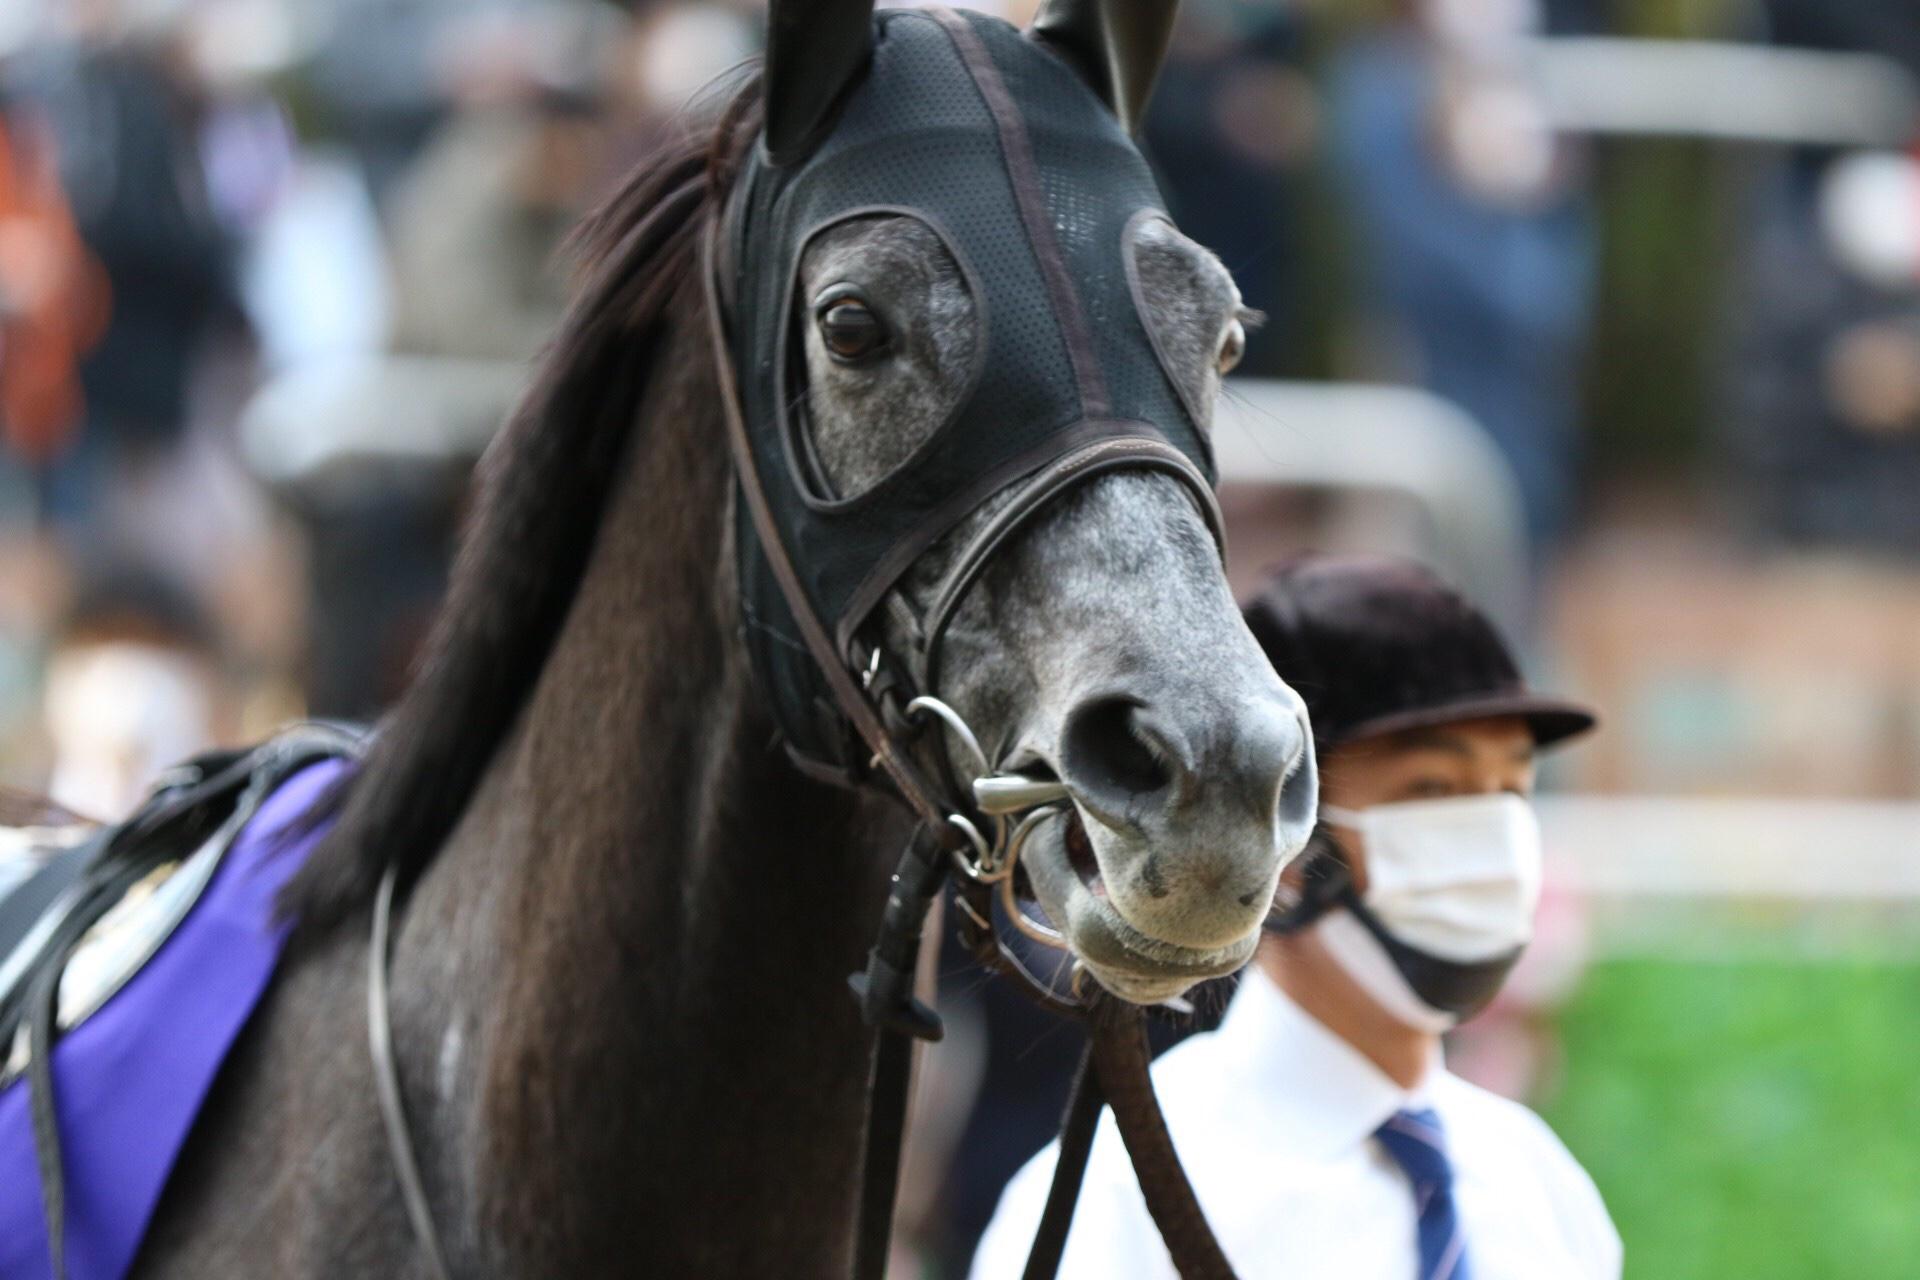 [重賞回顧]今年も牝馬が春秋グランプリ制覇の快挙達成 〜2020年・有馬記念〜